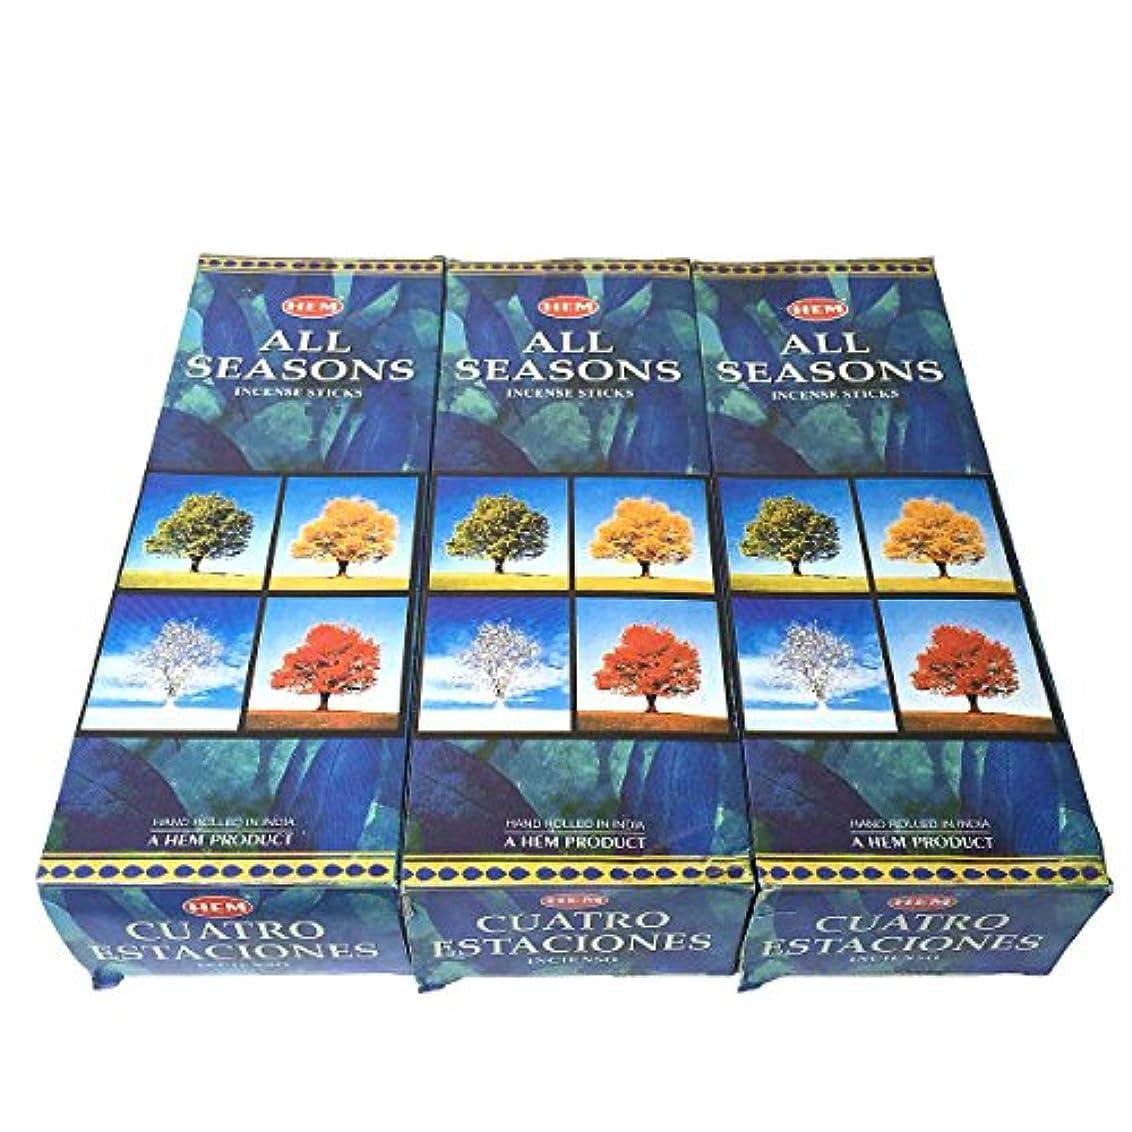 伝説アート意識的オールシーズン香スティック 3BOX(18箱) /HEM ALL SEASONS/インセンス/インド香 お香 [並行輸入品]